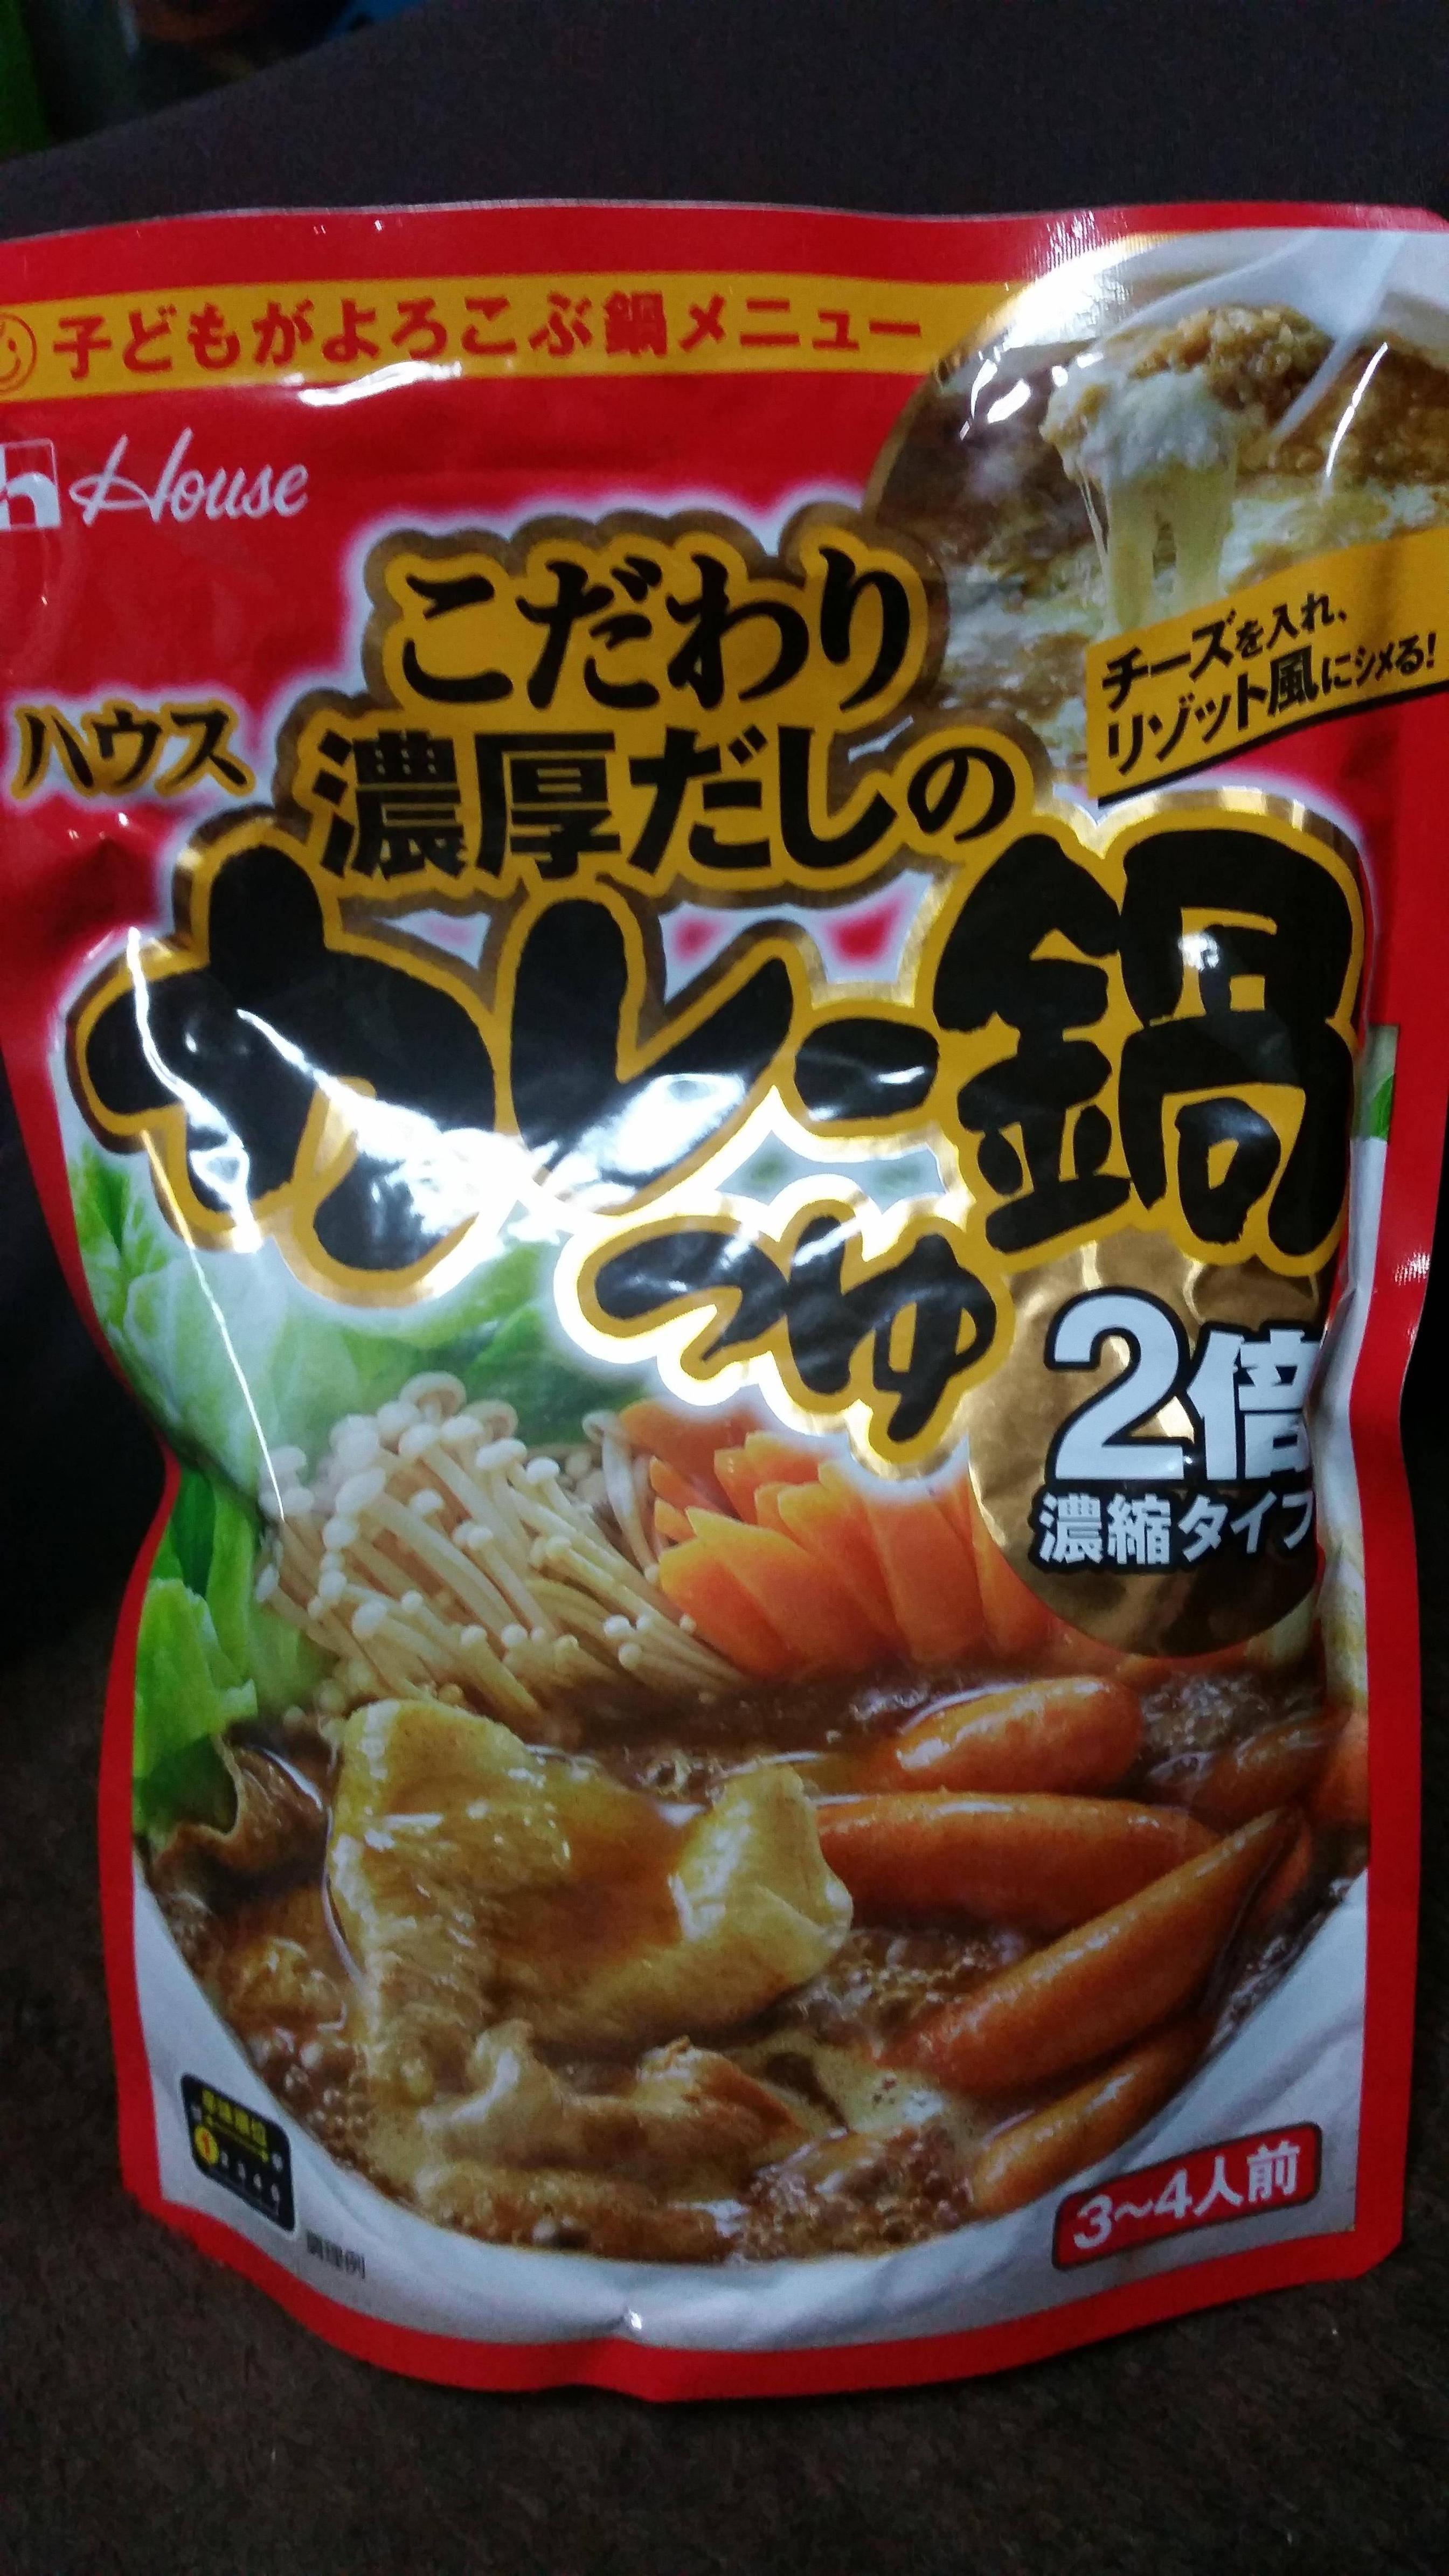 1人カレー鍋するよー(´・ω・`)